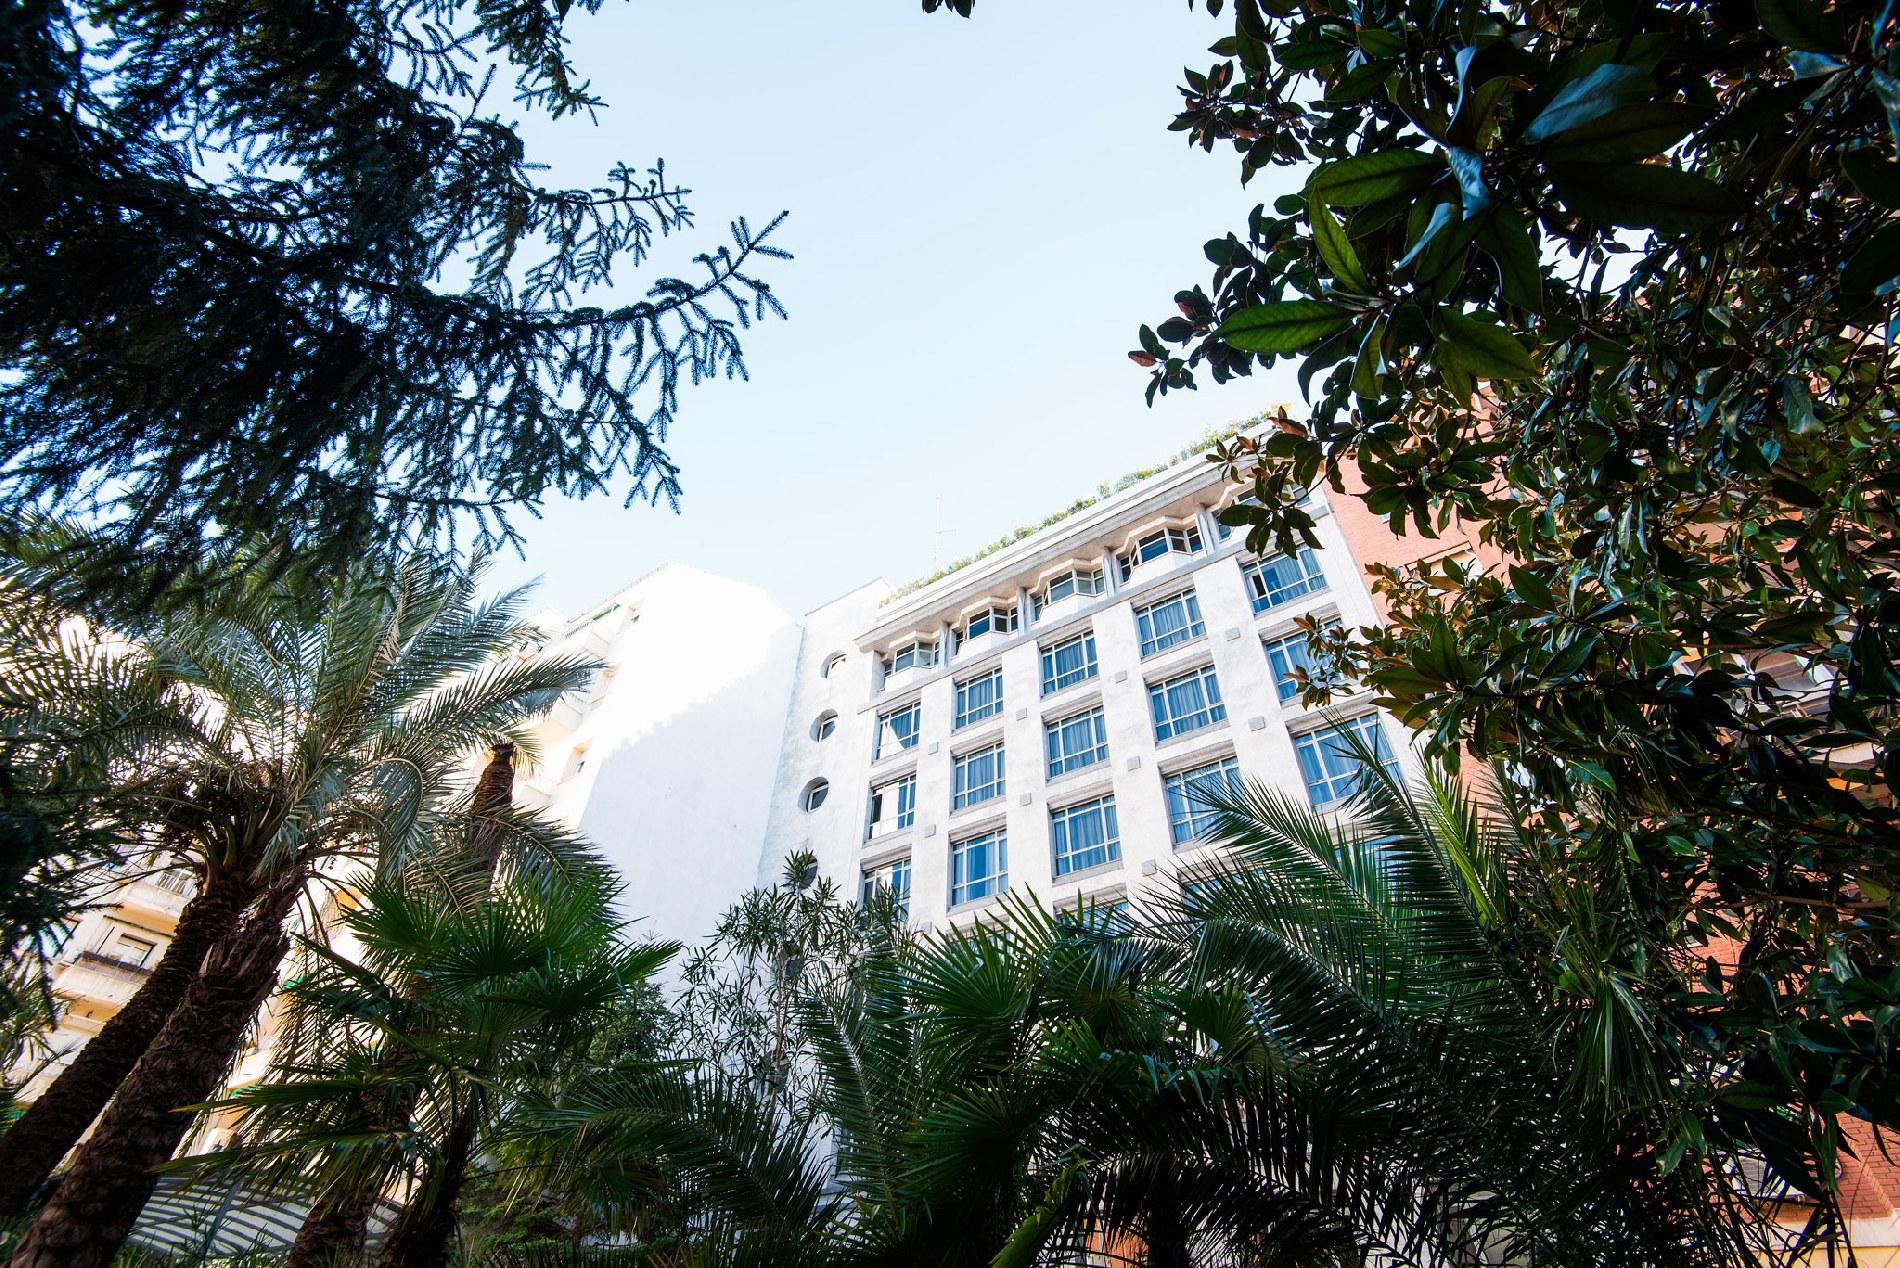 hotel-vp-el-madrono-madrid-jardin-01.jpg